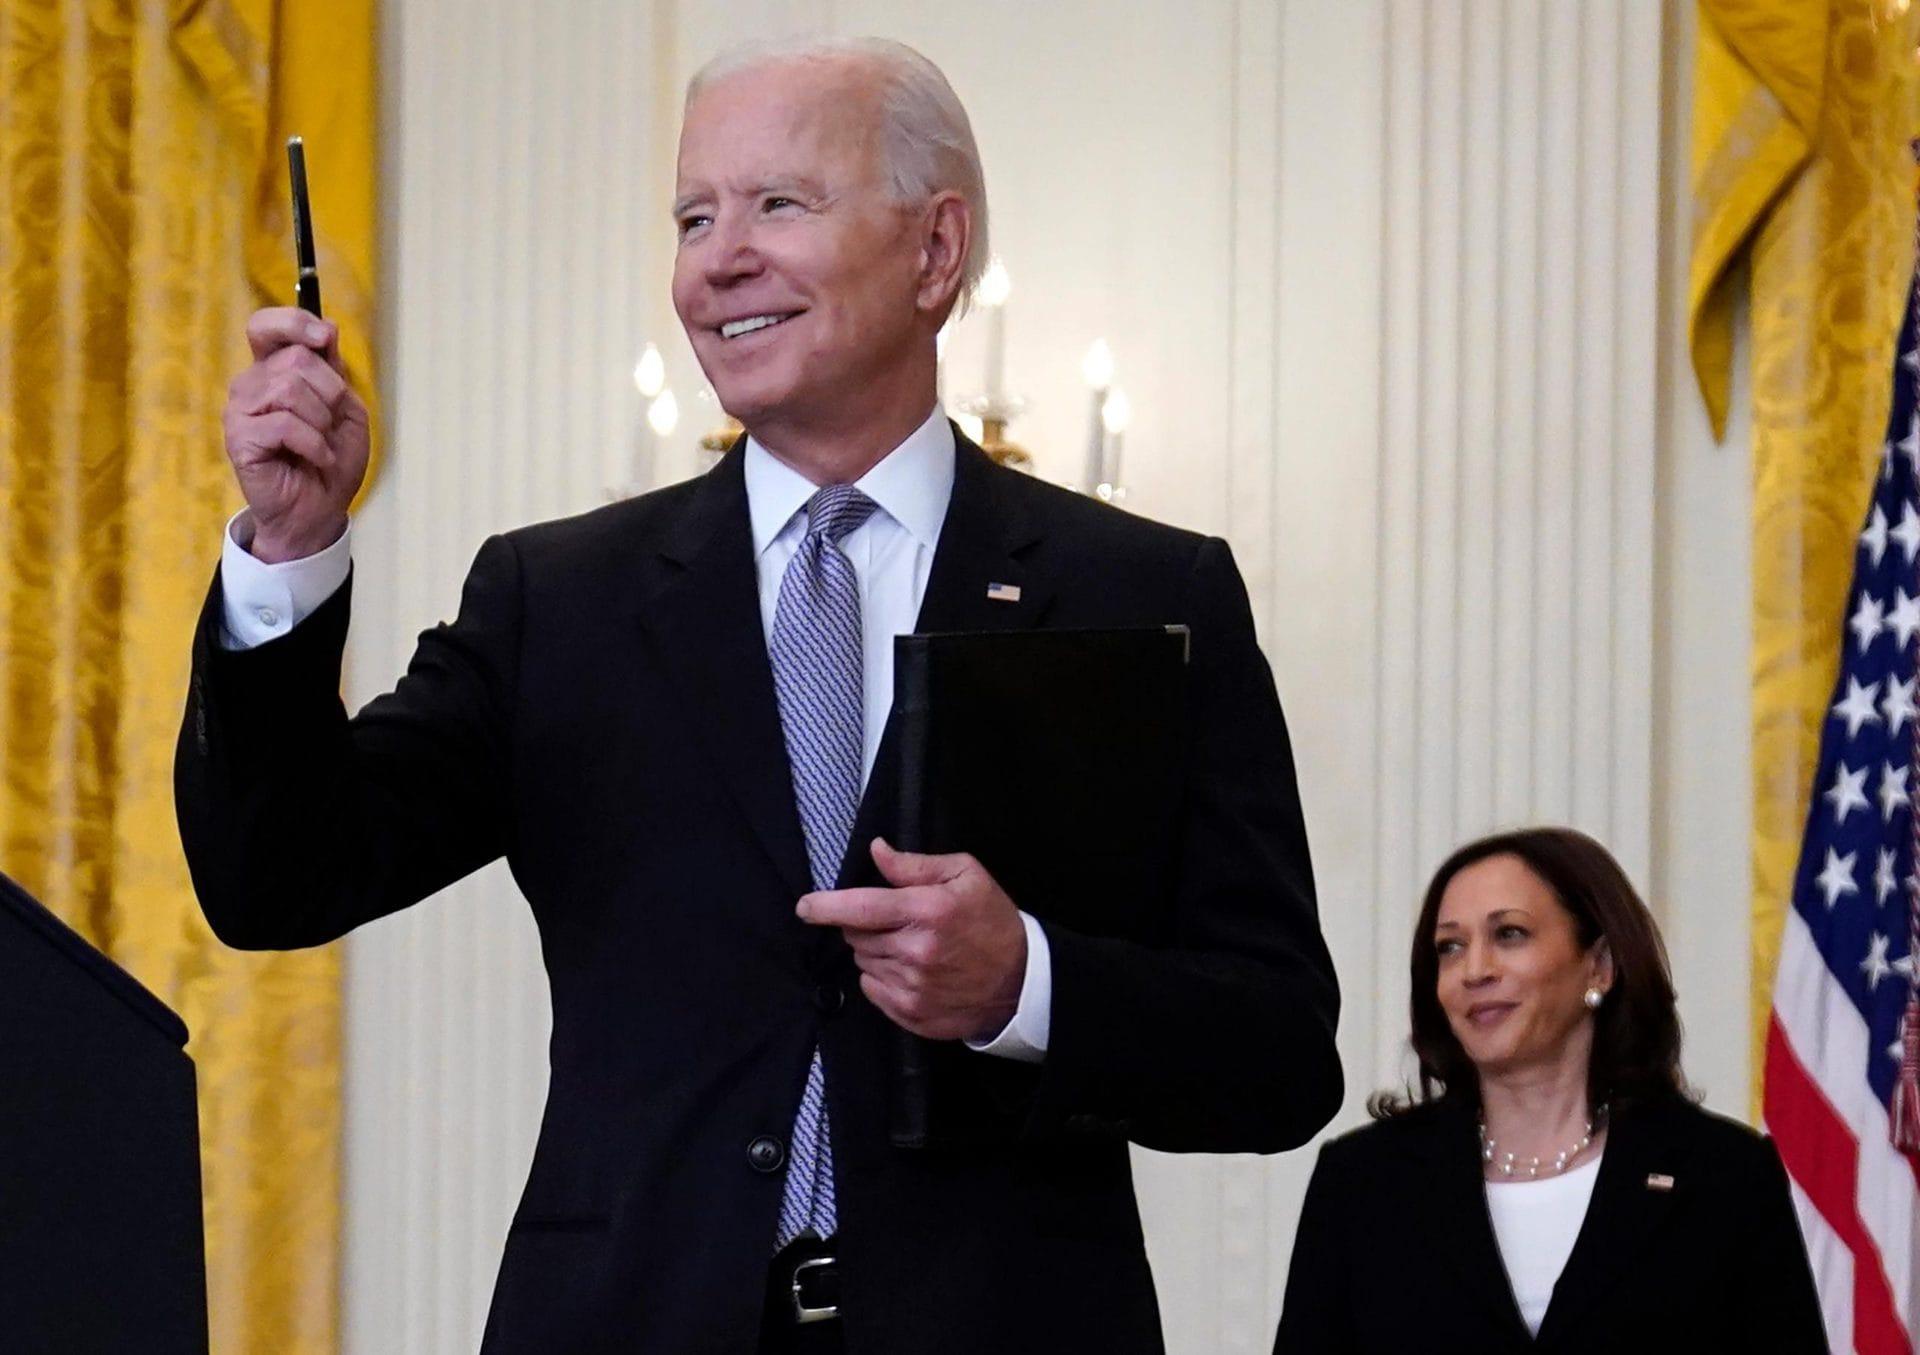 Rückkehr zu Tradition: Biden veröffentlicht Steuererklärung US-Präsident